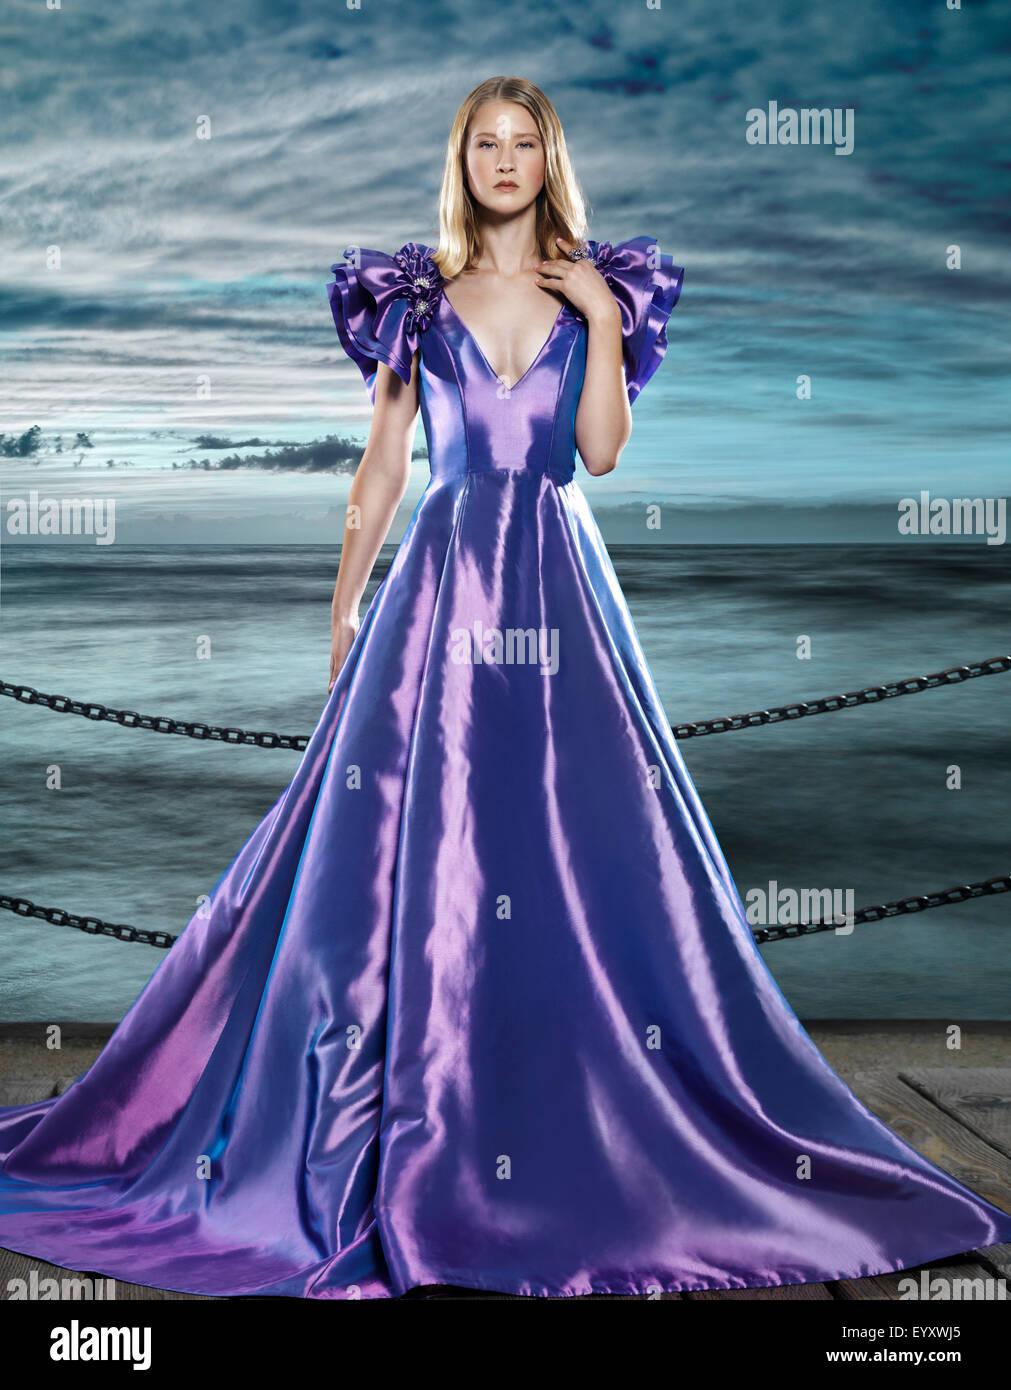 Junge blonde Frau trägt ein schönes langes blaues Kleid, Abendkleid, im Waterfront, künstlerische Stockbild